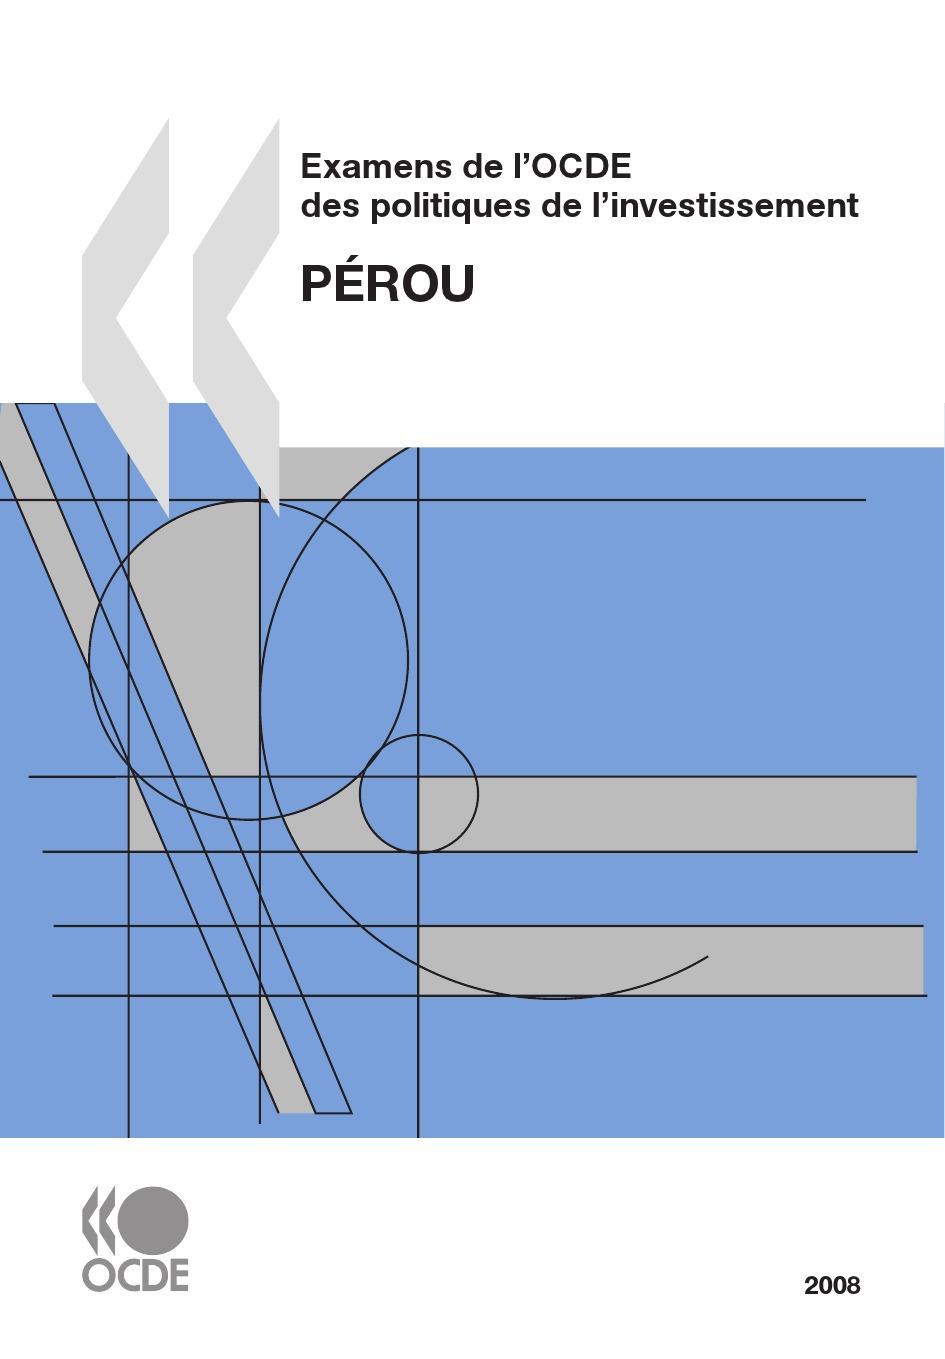 Examens de l'OCDE des politiques de l'investissement : Pérou 2008